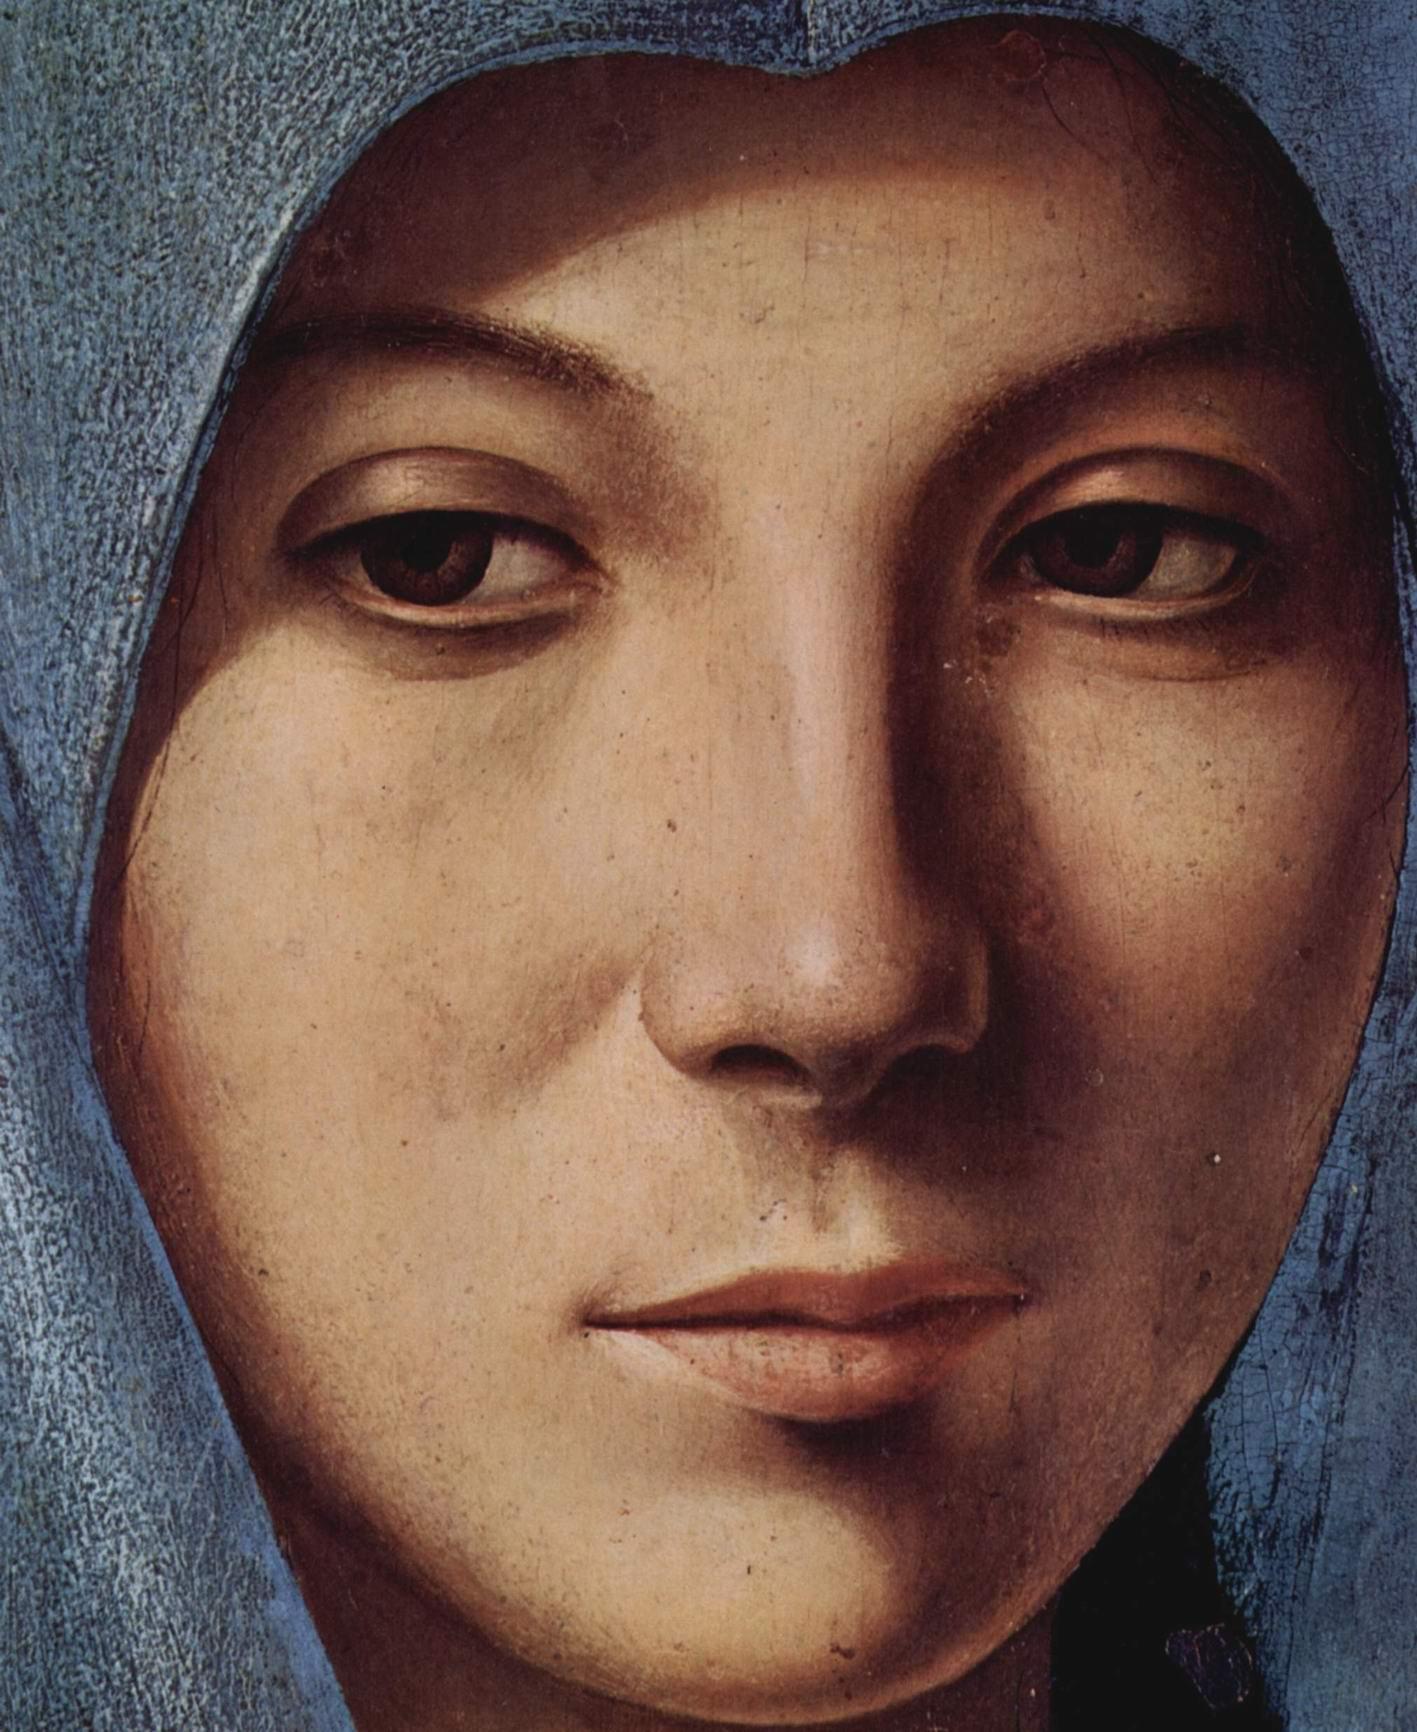 Благовещение Марии. Деталь_ лицо Марии, Антонелло да Мессина